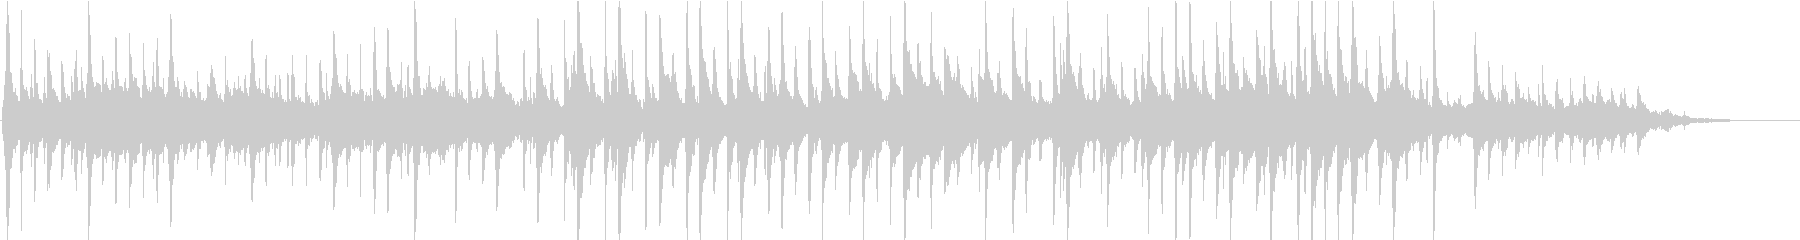 三線を使った幻想的な曲の未再生の波形